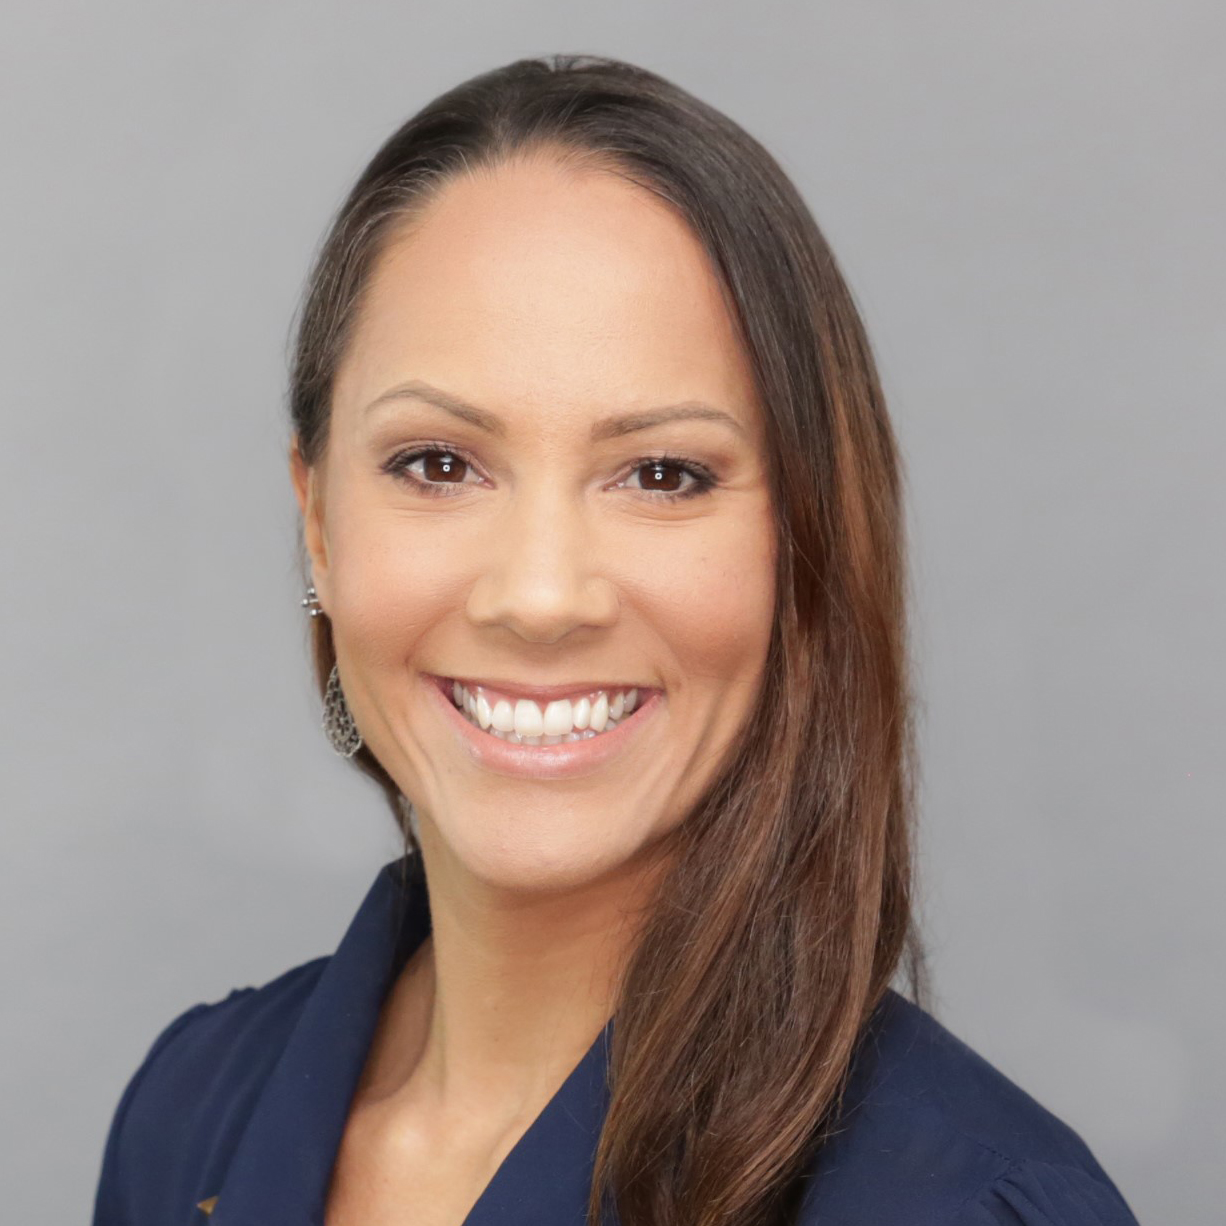 Barbara Silva smiling